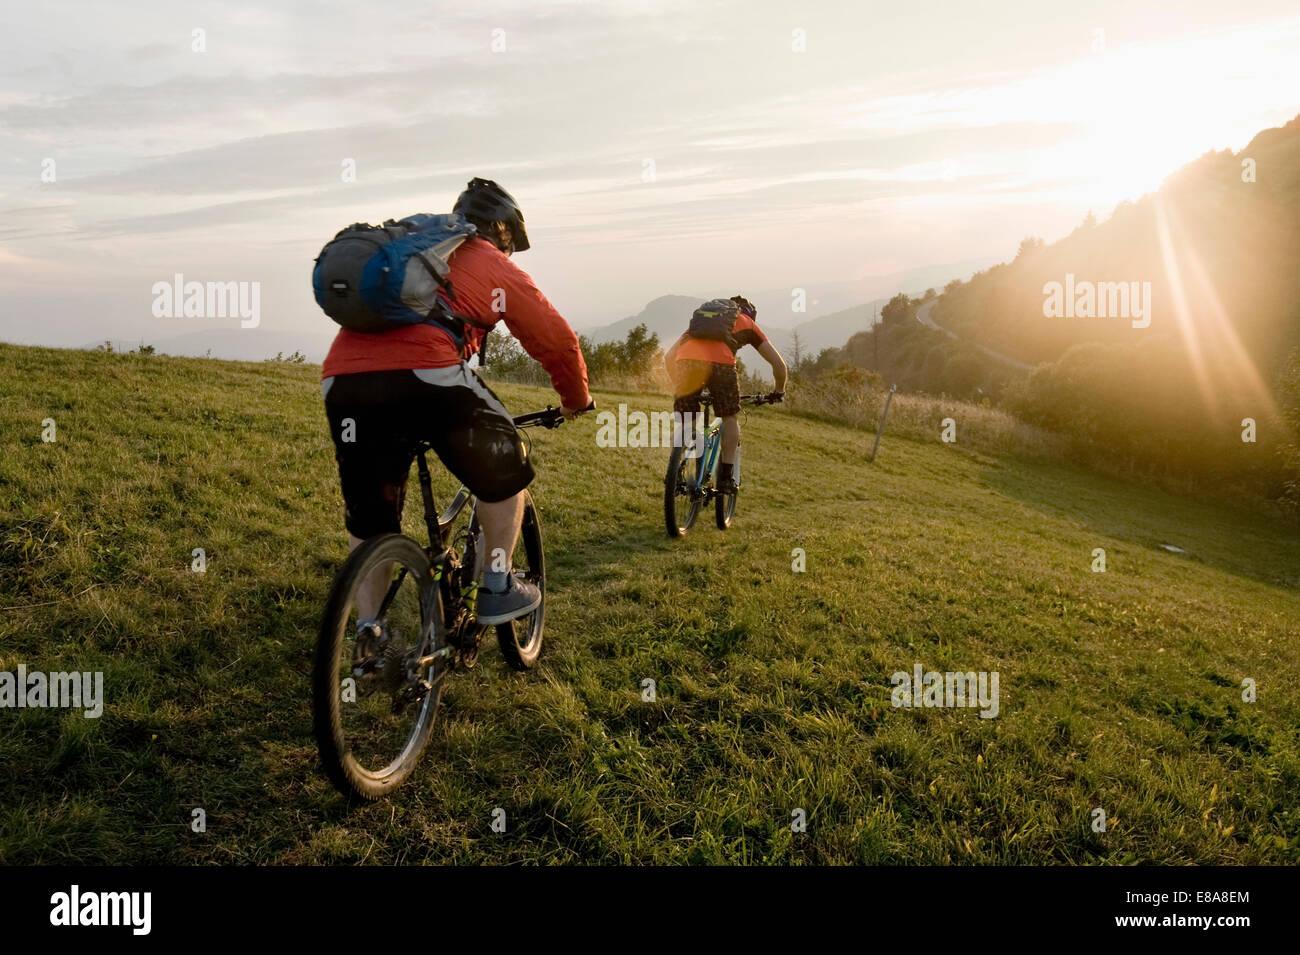 Deux vélos de montagne sur le chemin au coucher du soleil, Kolovrat, Istrie, Slovénie Photo Stock